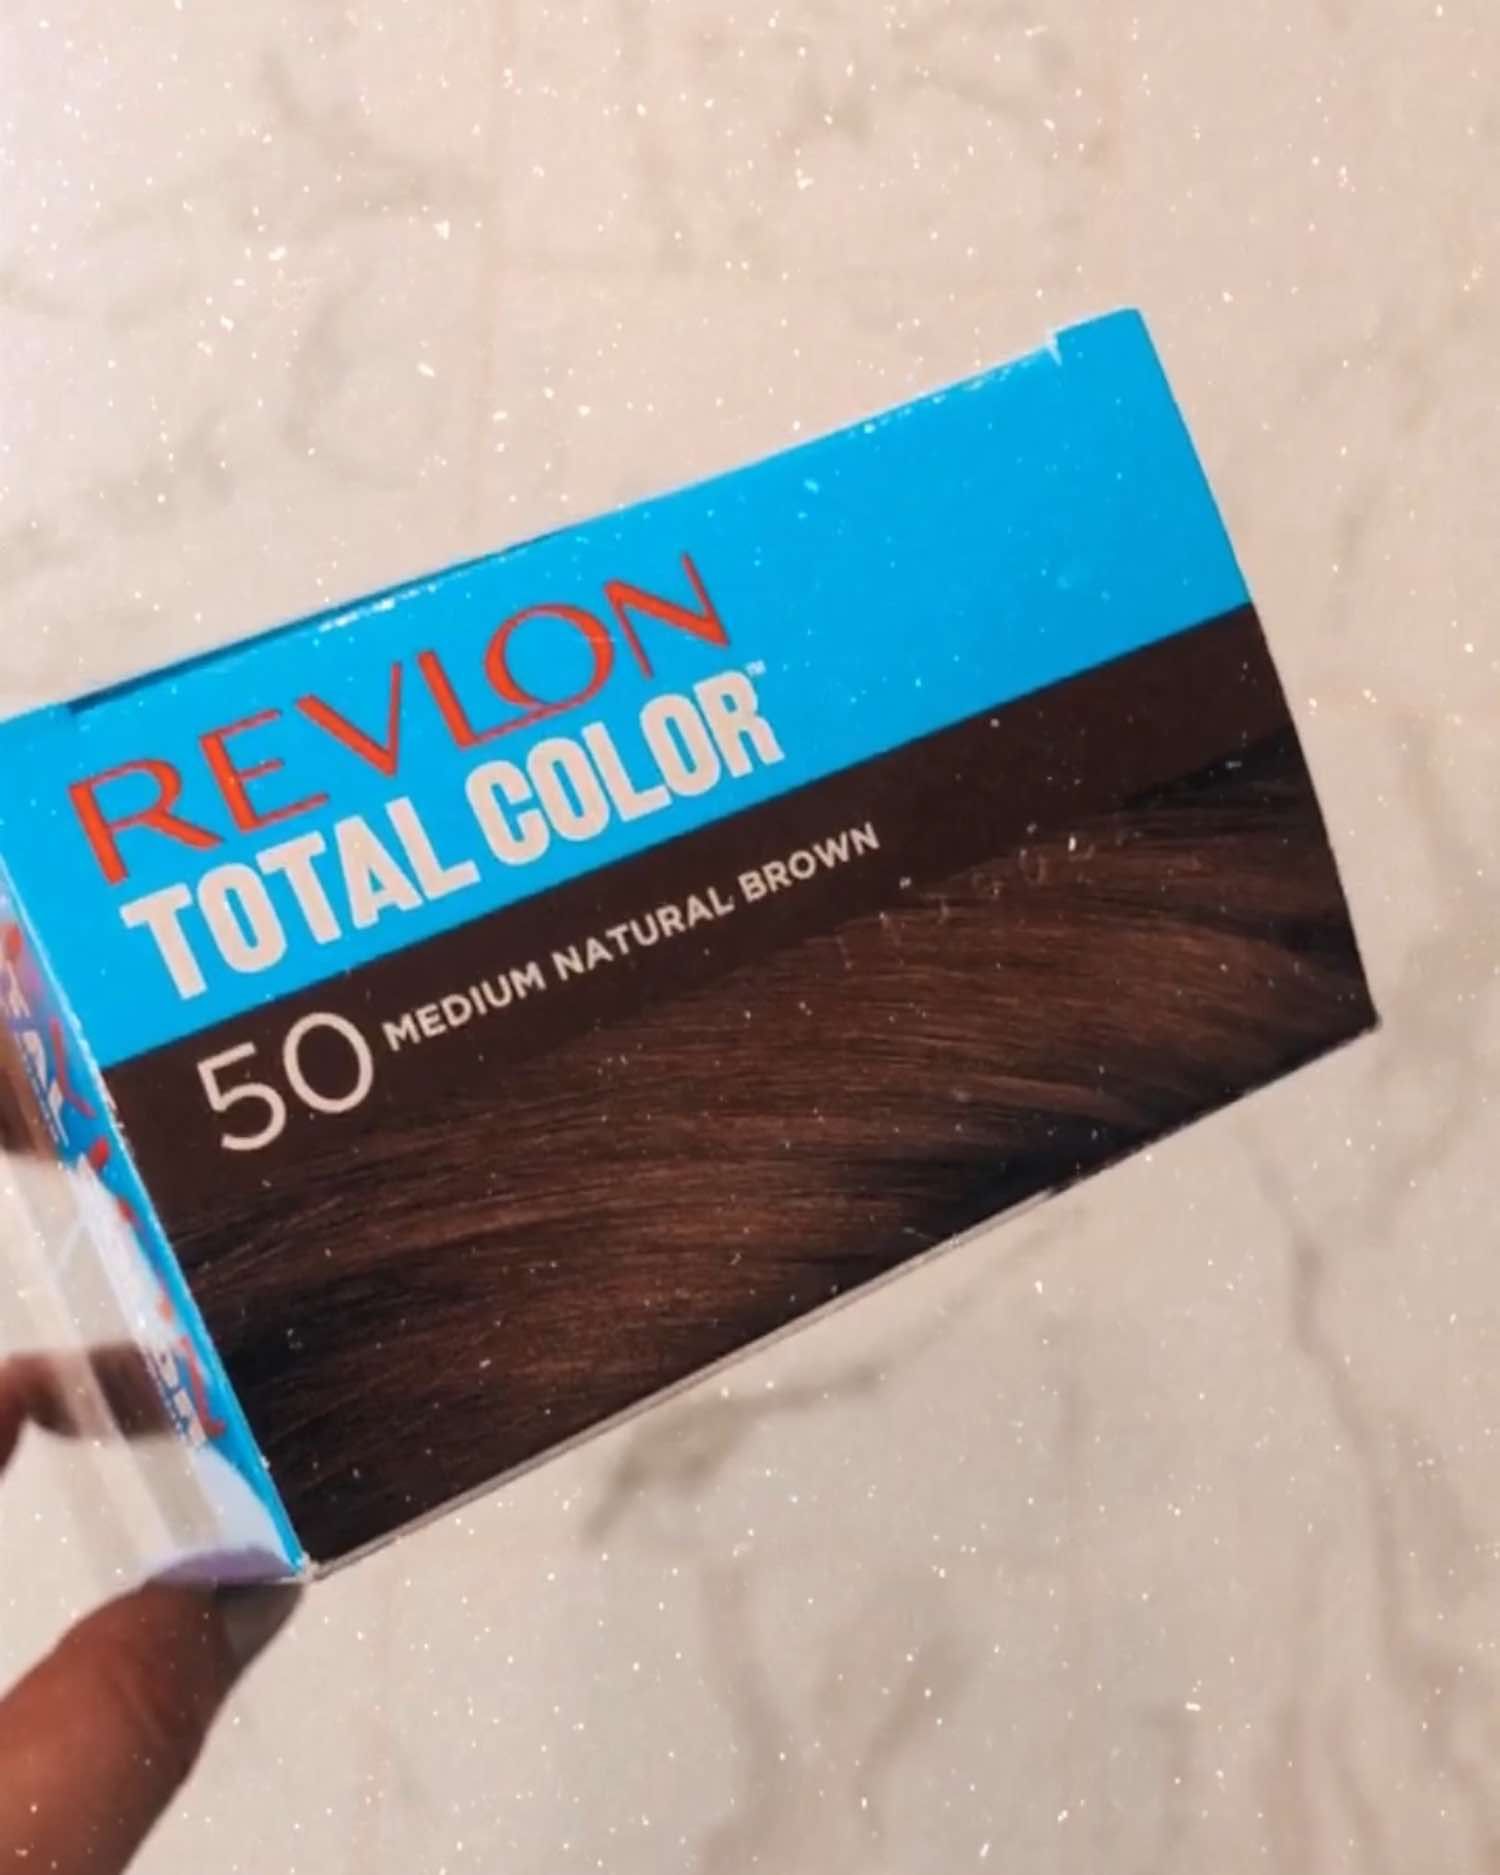 Revlon Total Color 50 Medium Natural Brown